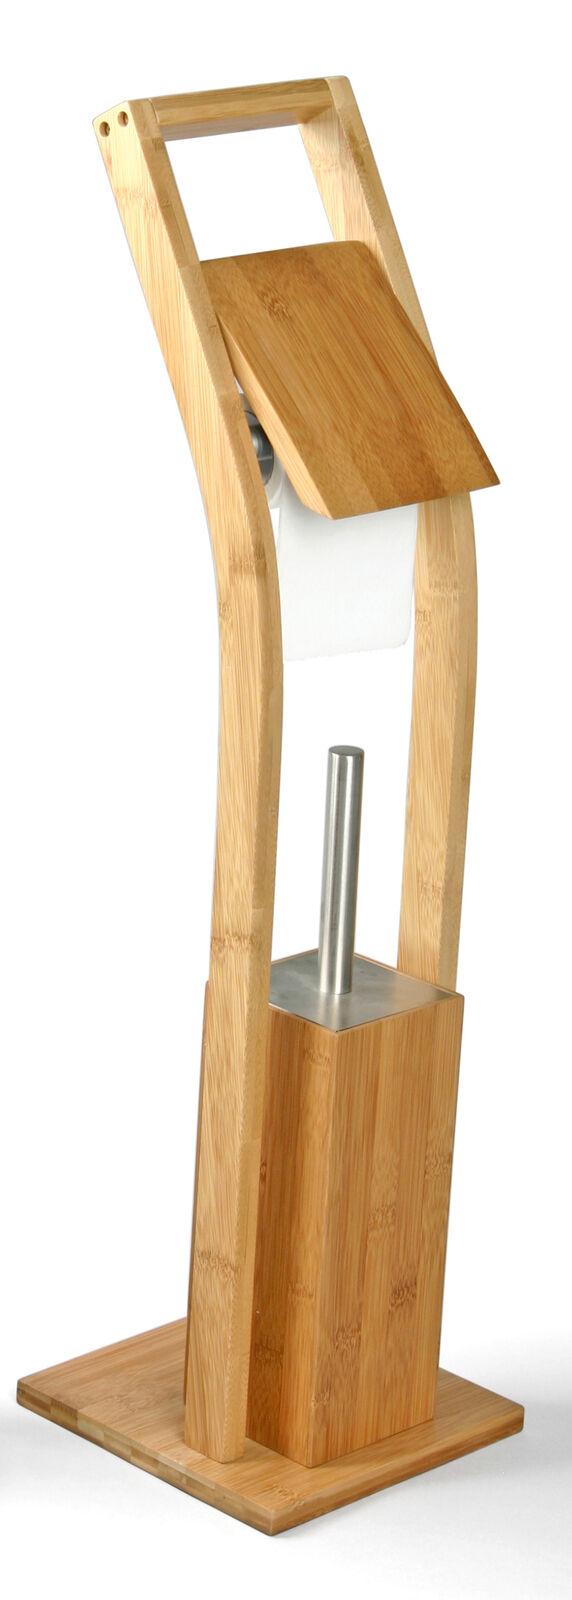 WC Garnitur Toilettenbürste Klobürste Bürstengarnitur Bambus Bad Klopapierhalter